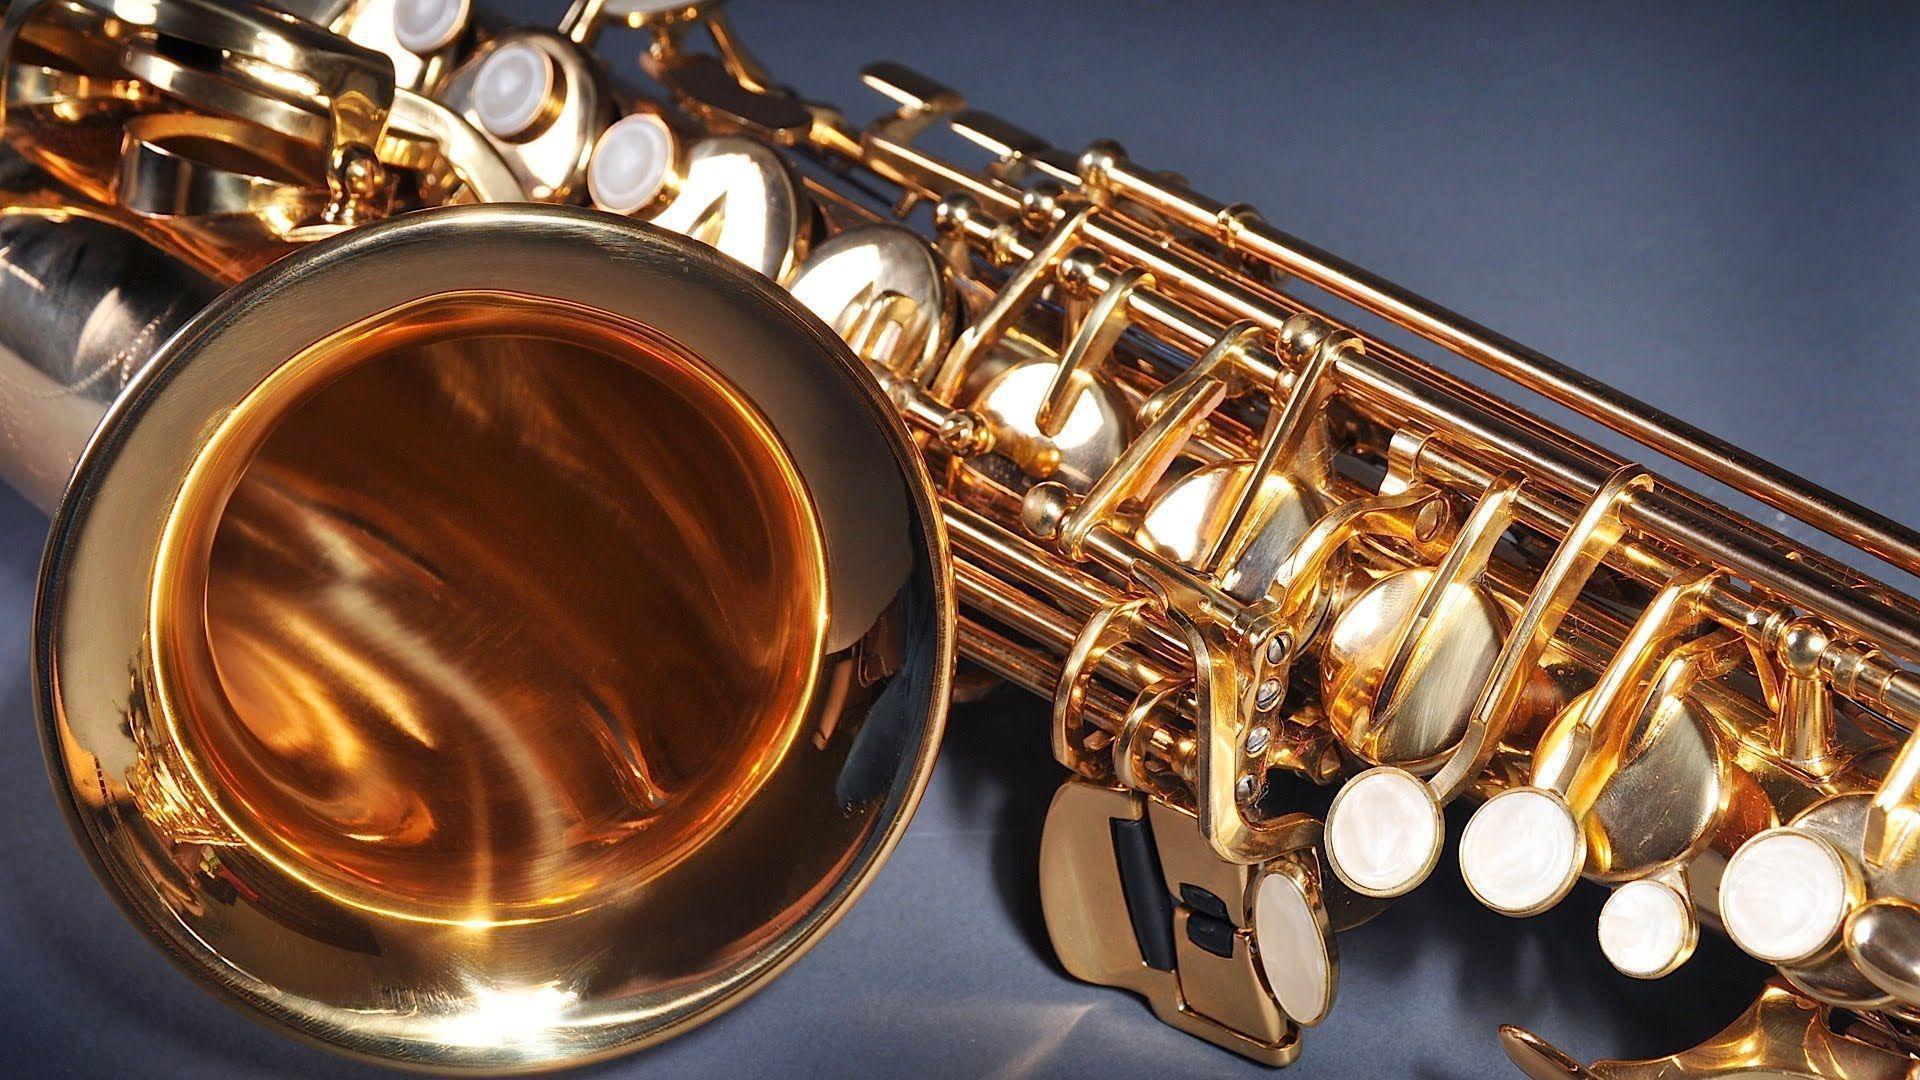 Saxophone Wallpaper - WallpaperSafari